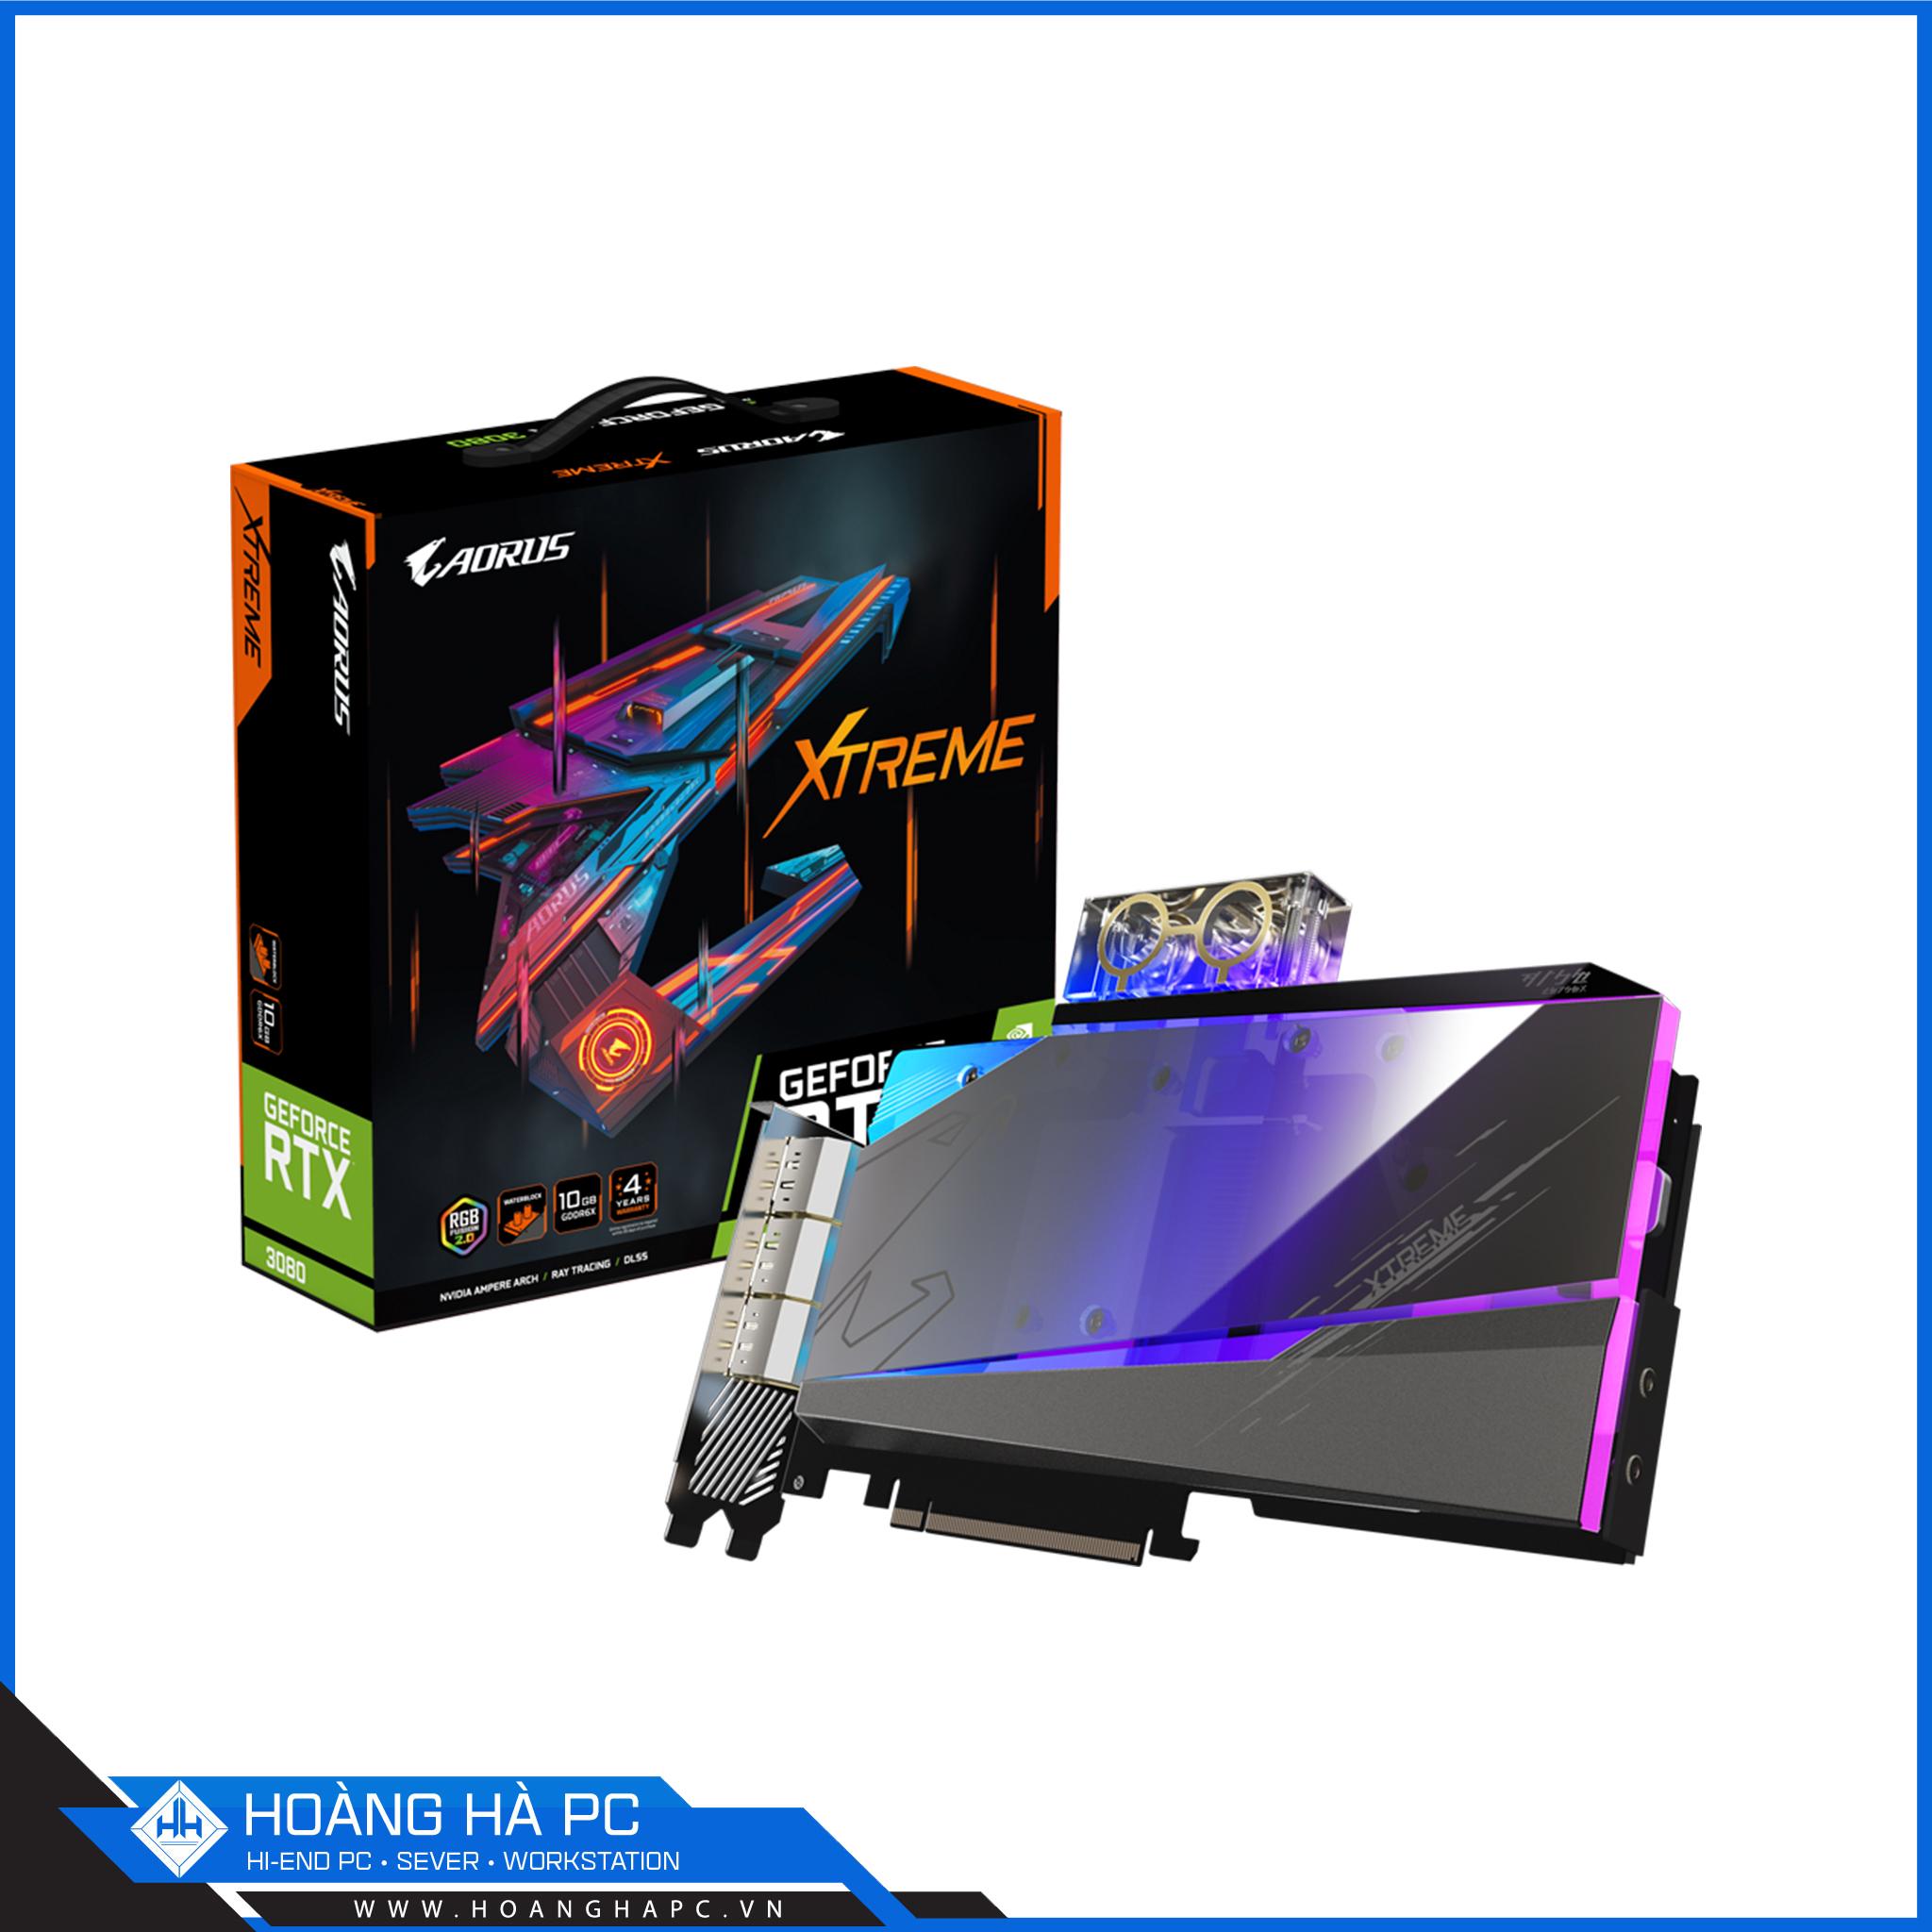 Chọn Hoàng Hà PC để lựa chọn sản phẩm VGA chất lượng từ thương hiệu nổi tiếng